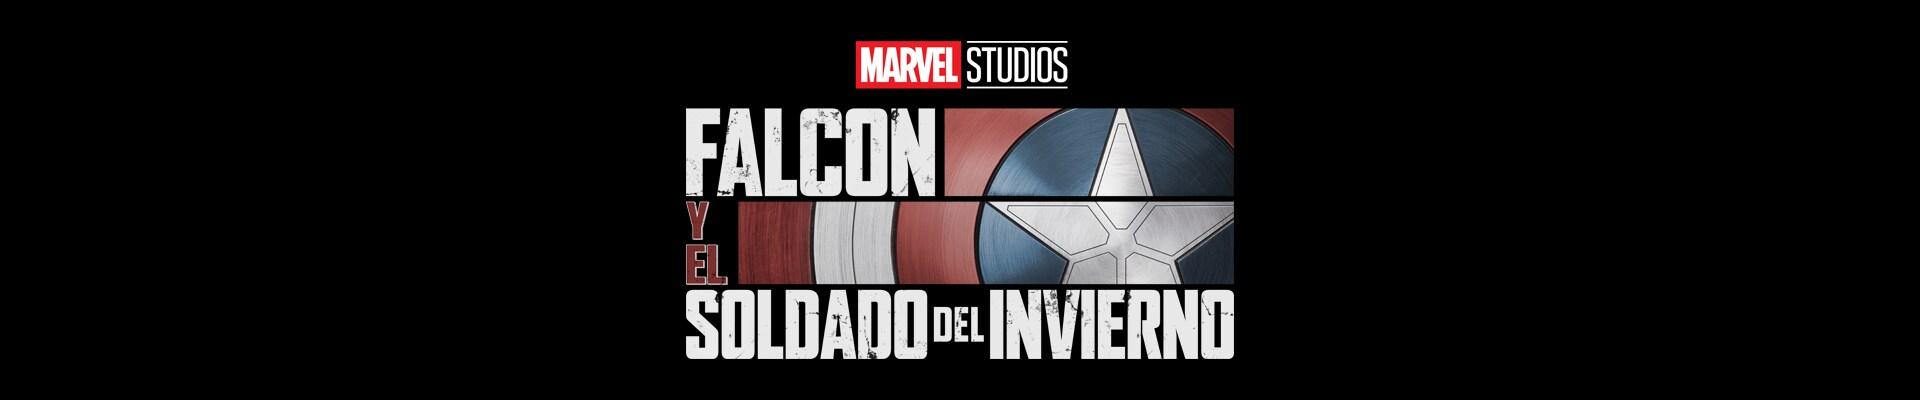 Falcon y El Soldado de Invierno | Estreno 19 de marzo | Solo en Disney+